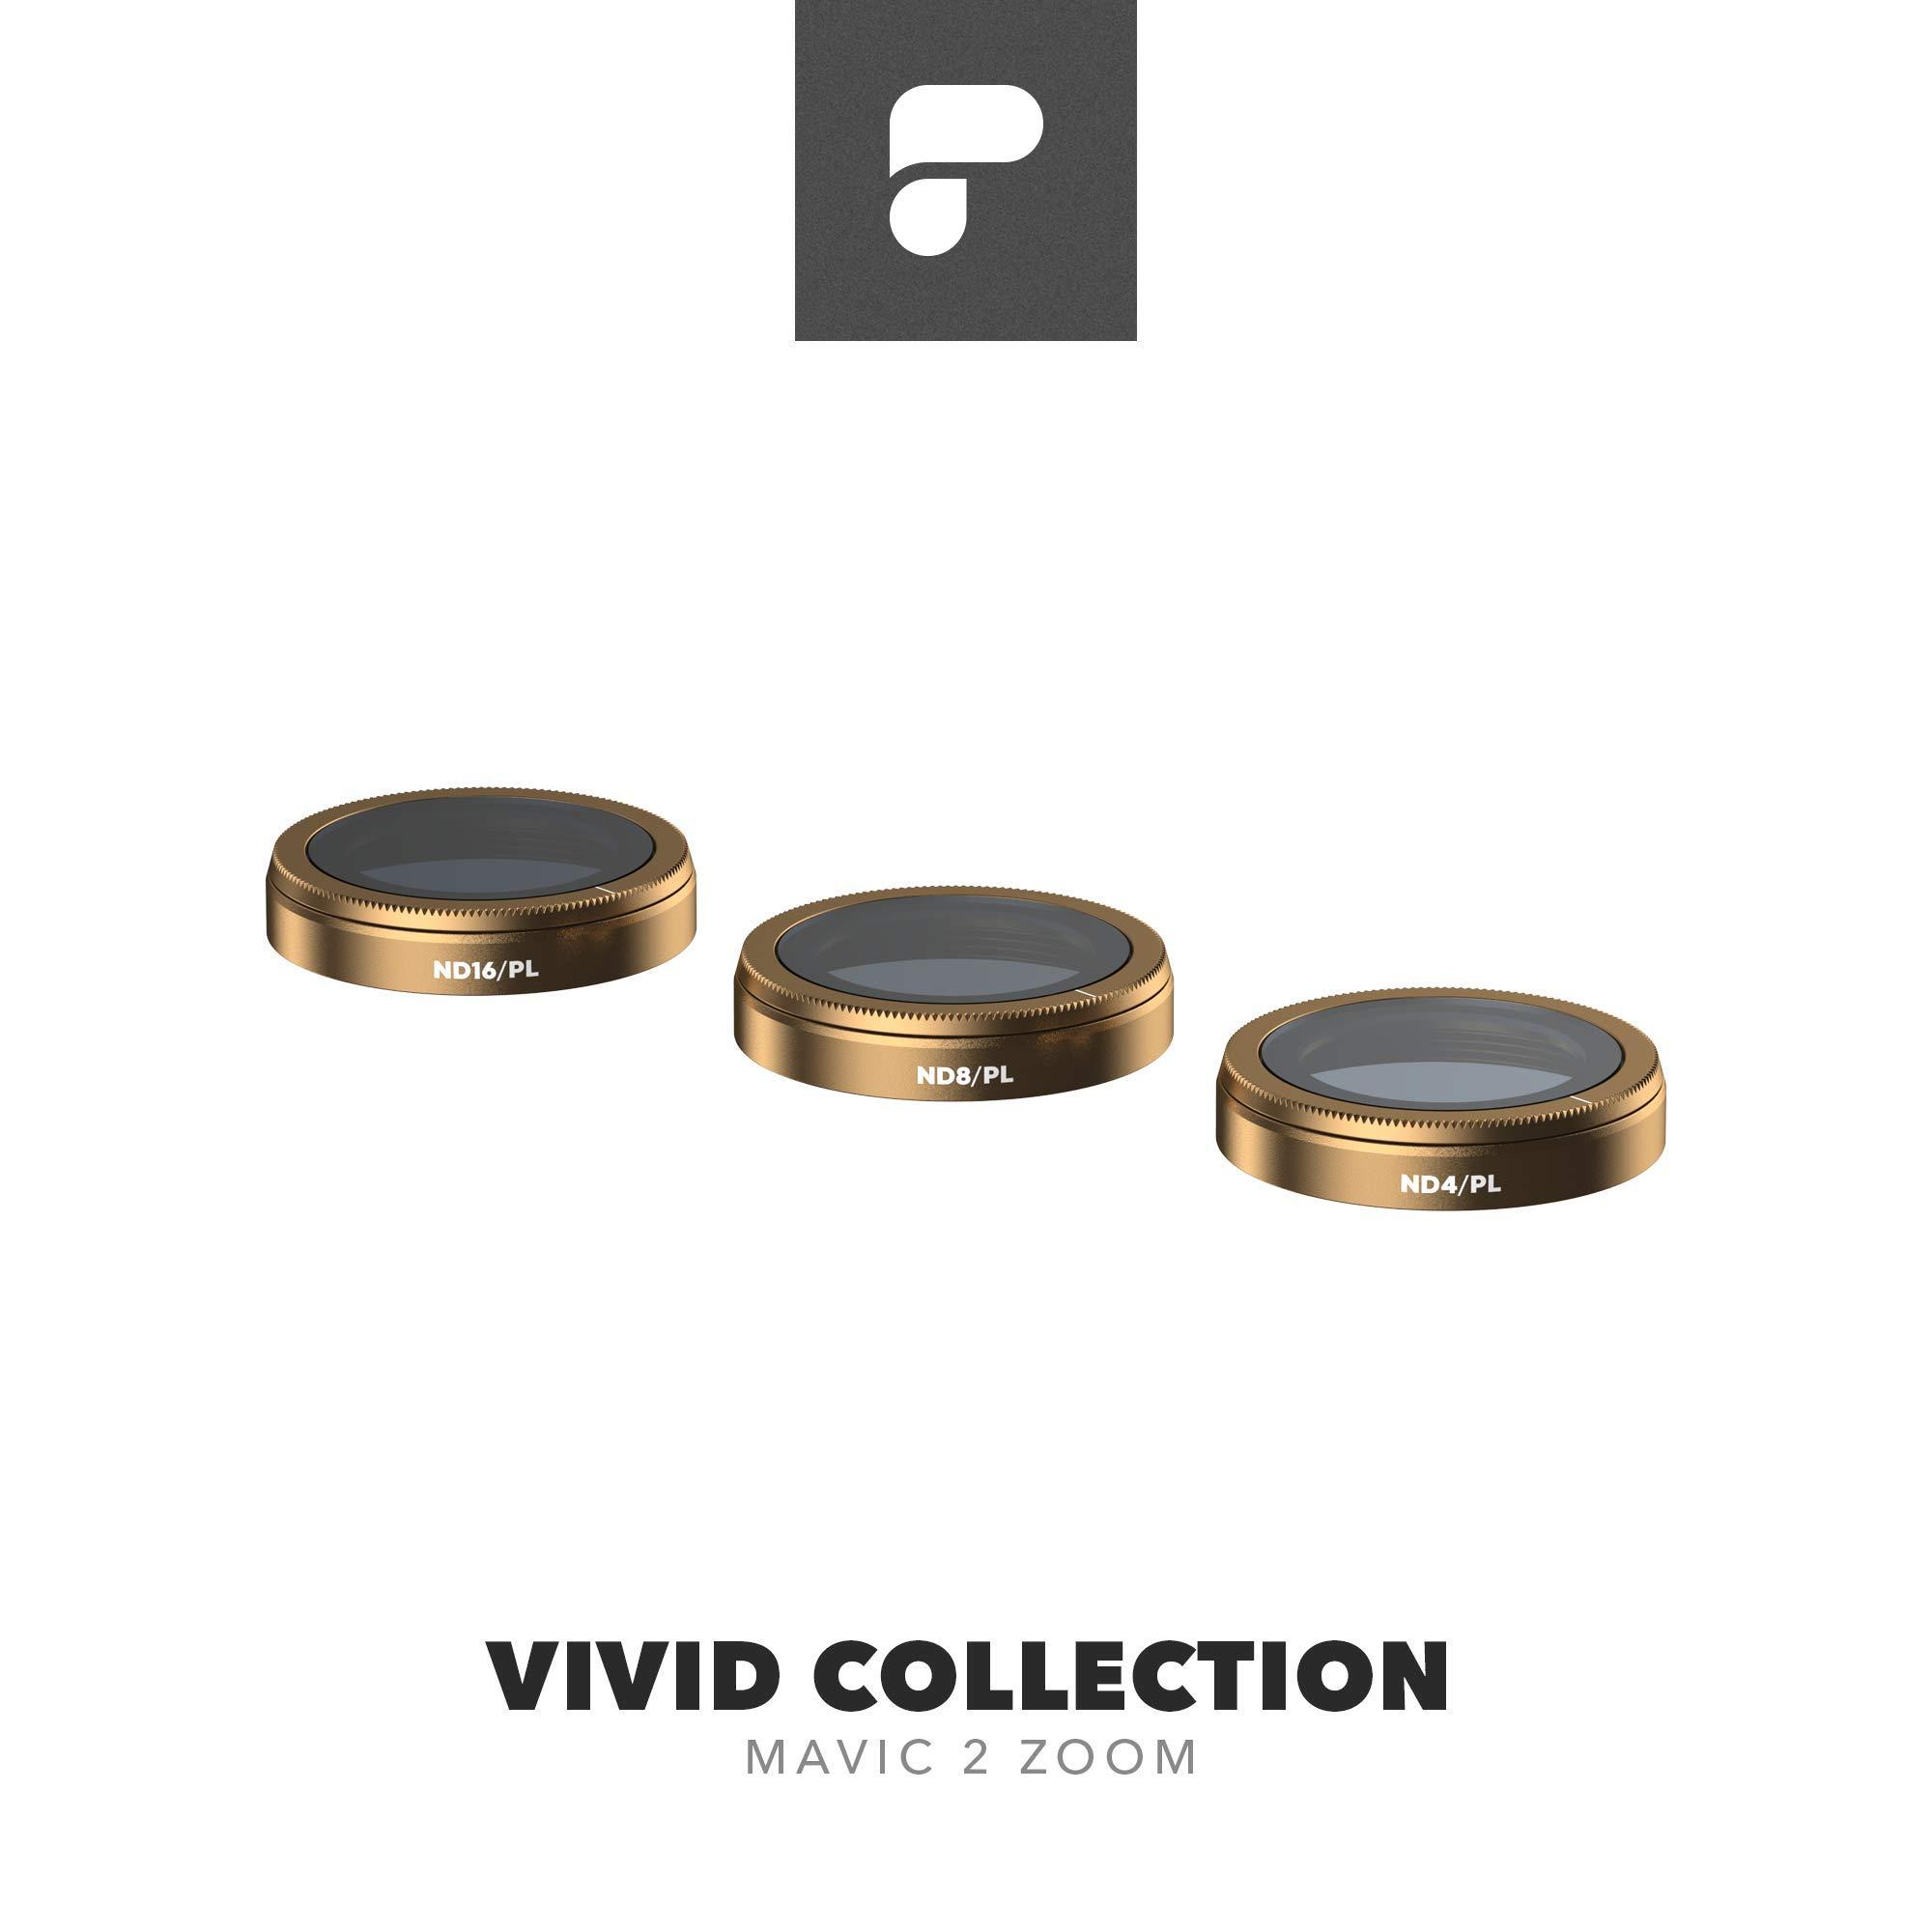 PolarPro Vivid Filter Collection for Mavic 2 Zoom - DJI Mavic 2 Filters (ND4/PL, ND8/PL, ND16/PL) by PolarPro